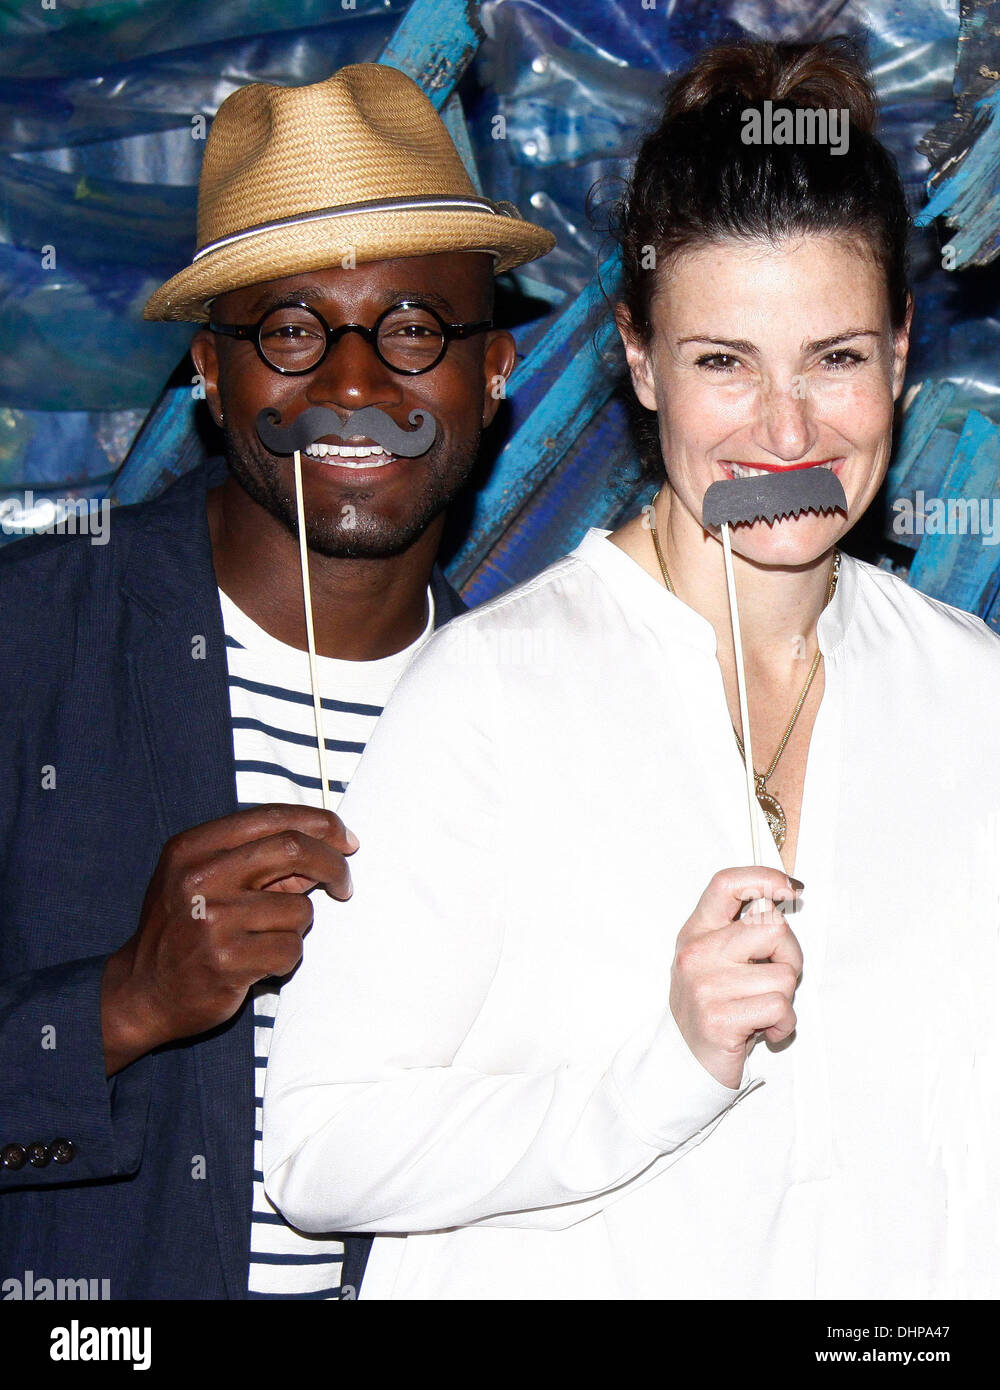 Taye Diggs And Idina Menzel Stock Photos & Taye Diggs And Idina ...